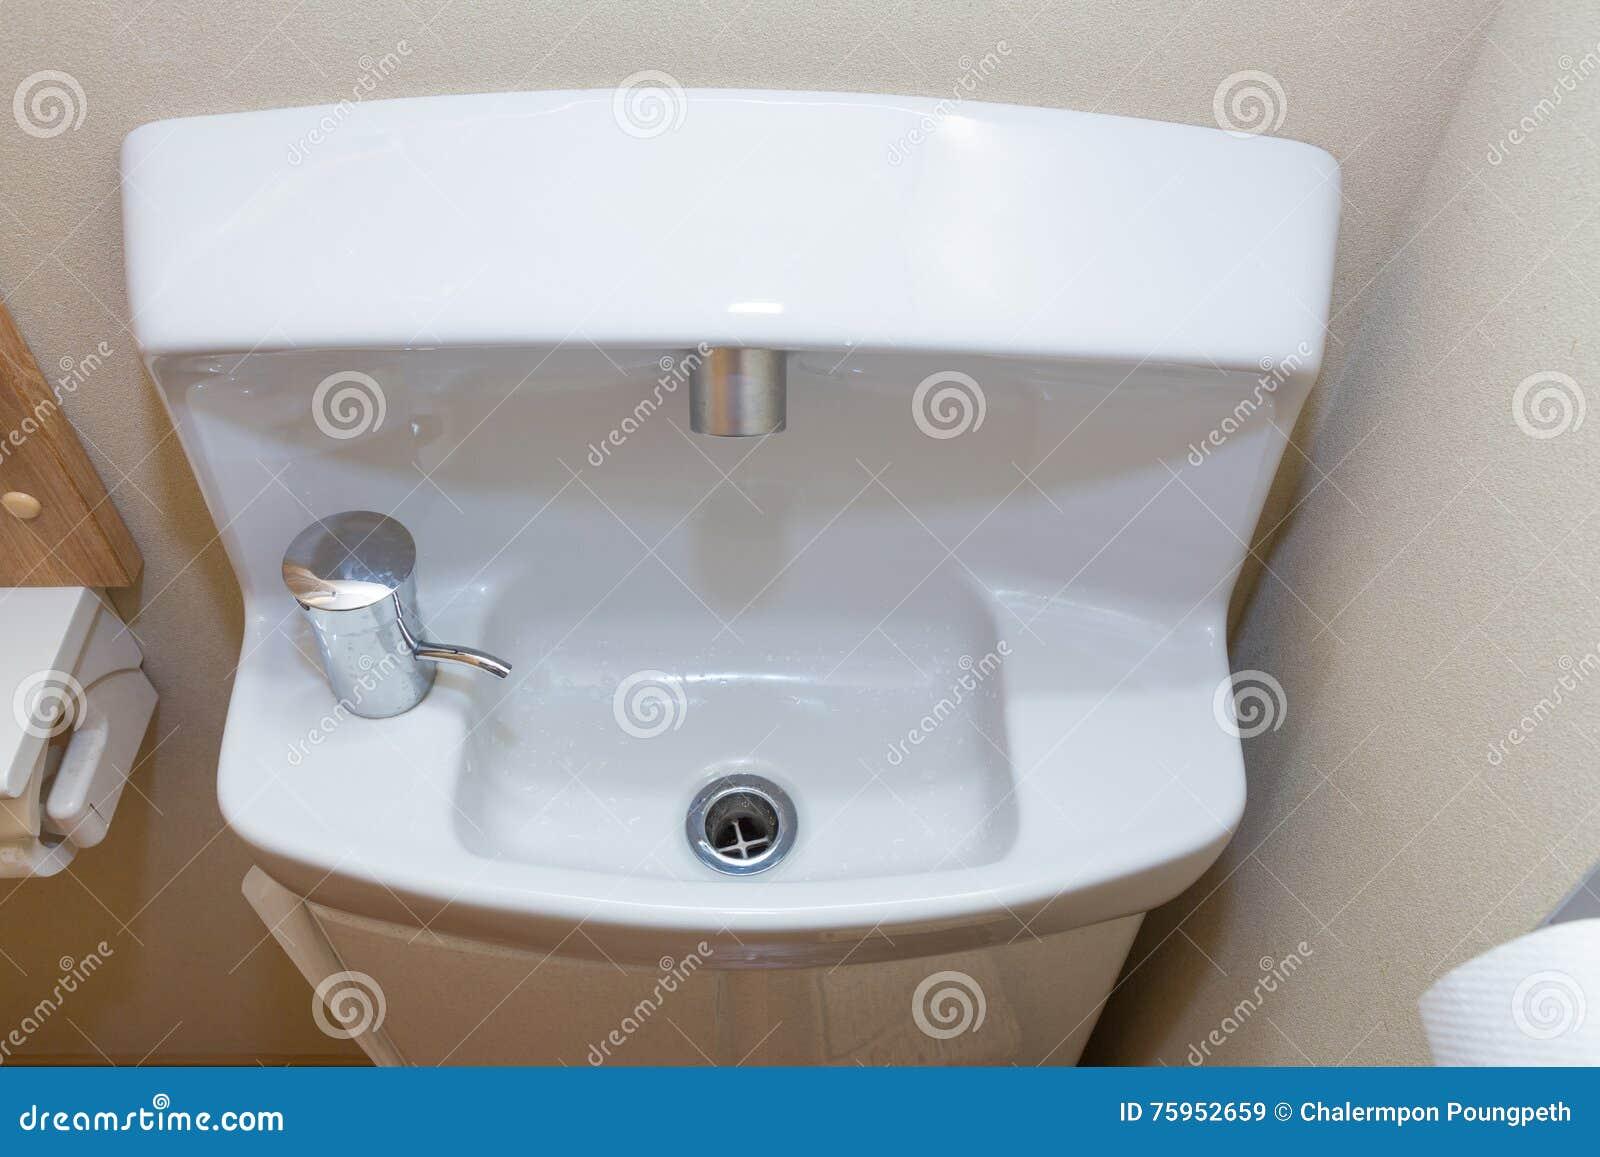 Piccolo lavandino compatto del bagno stile giapponese immagine stock immagine di lavata - Bagno stile giapponese ...